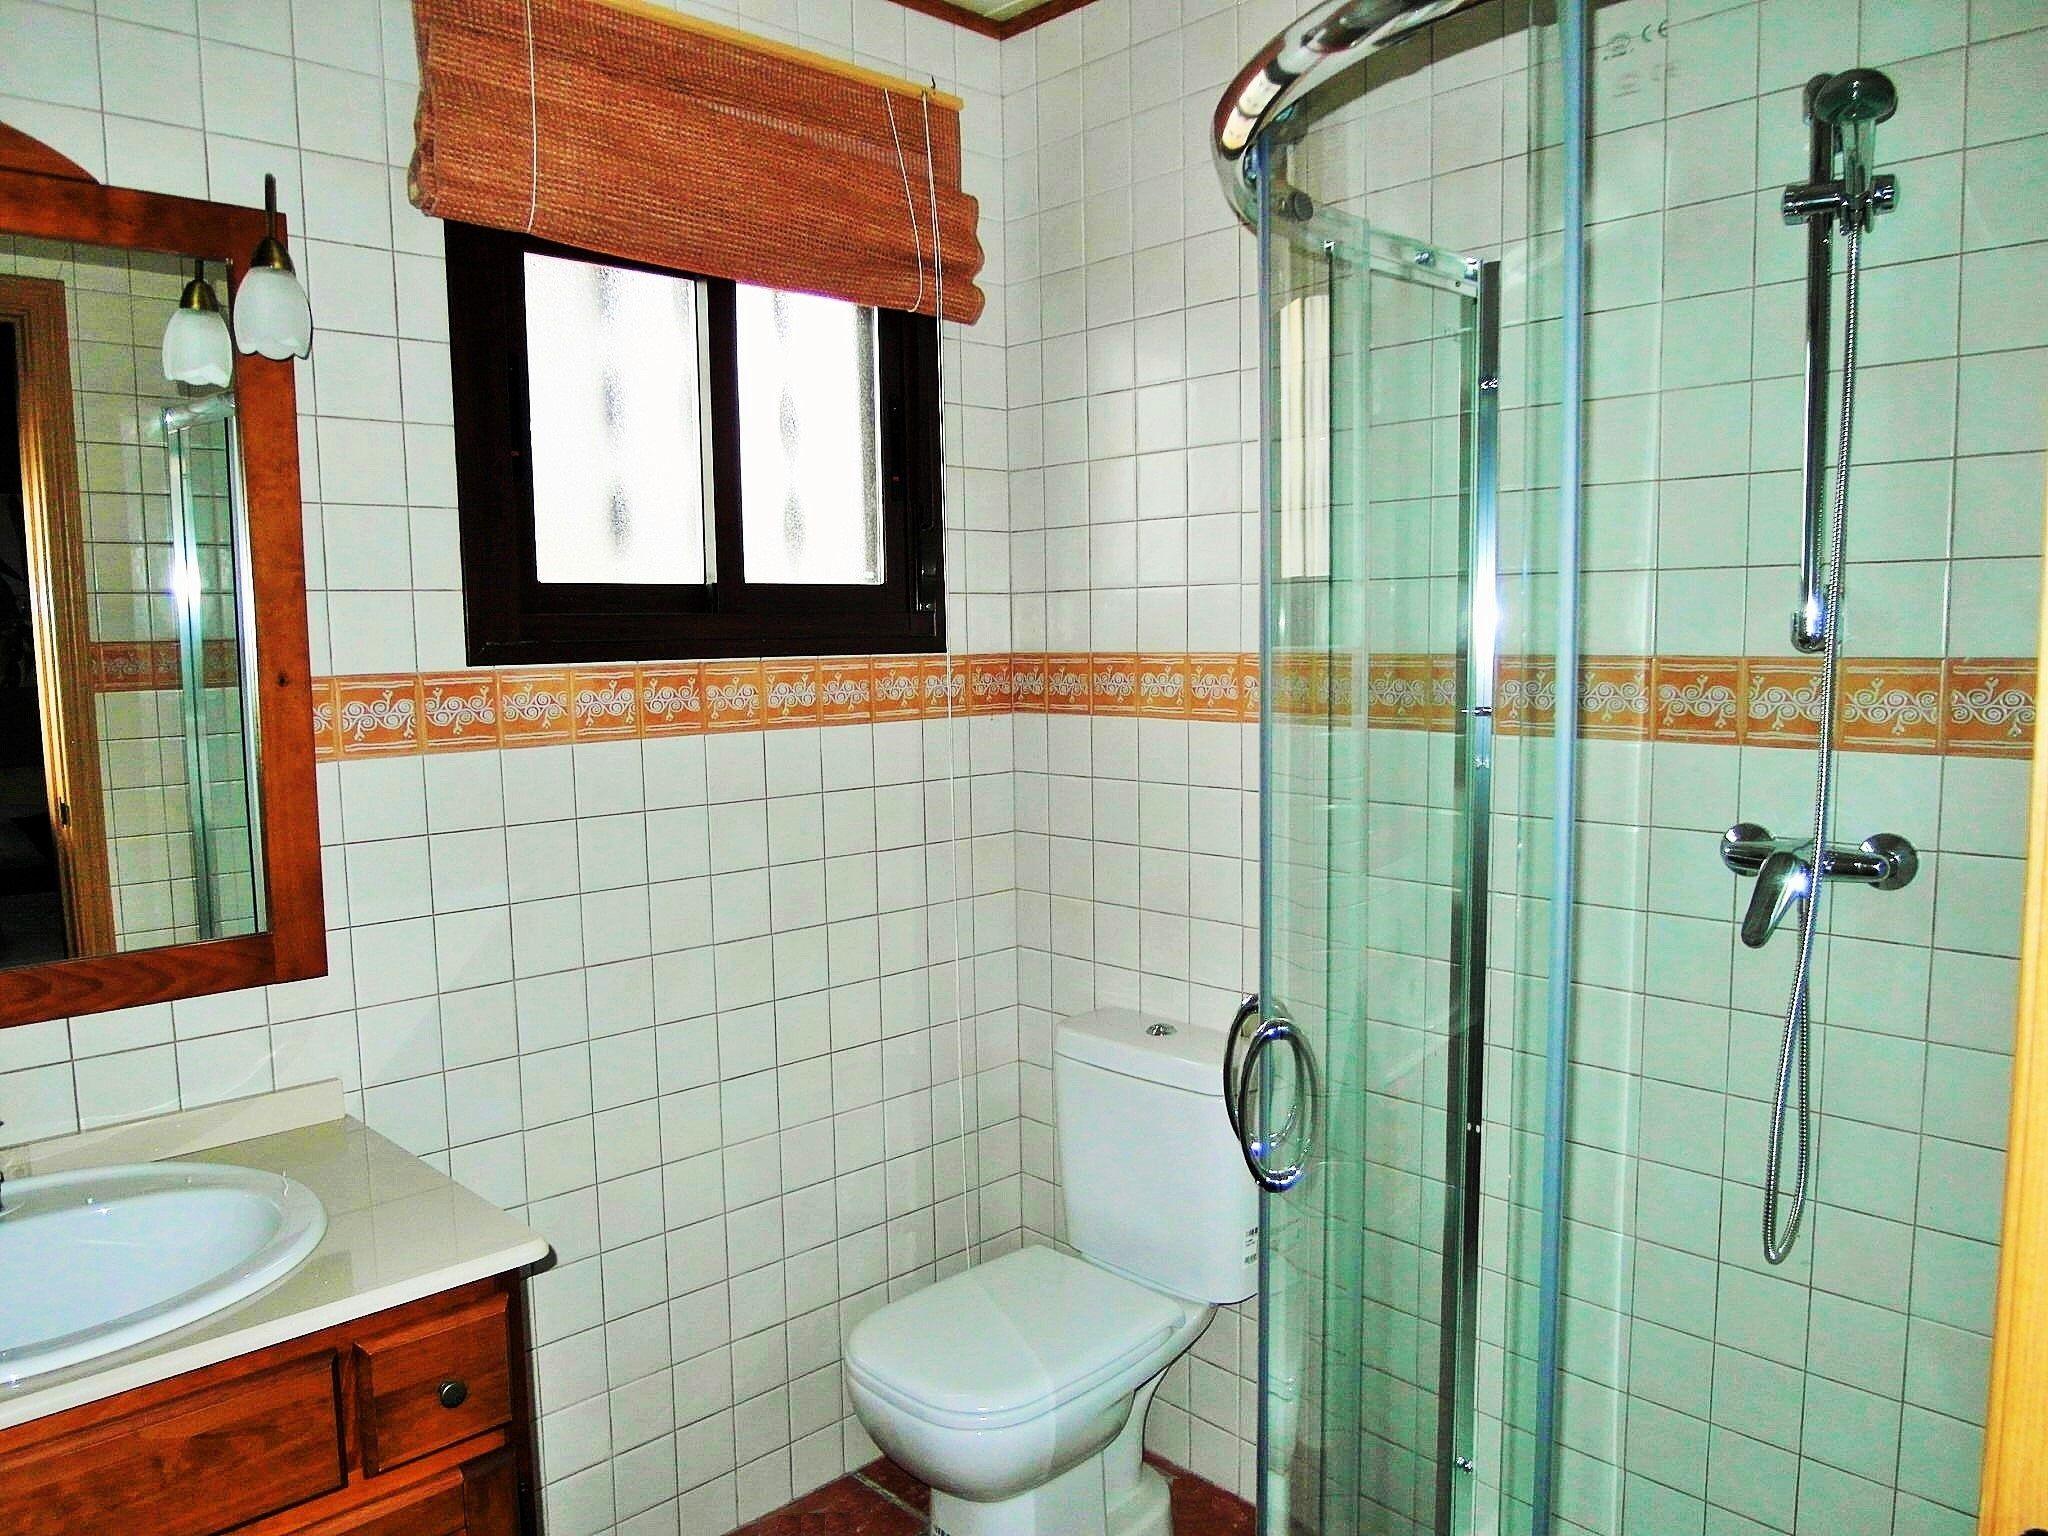 Baño estilo casa prefabricada de campo www.casasdeaceroyhormigon.com ...